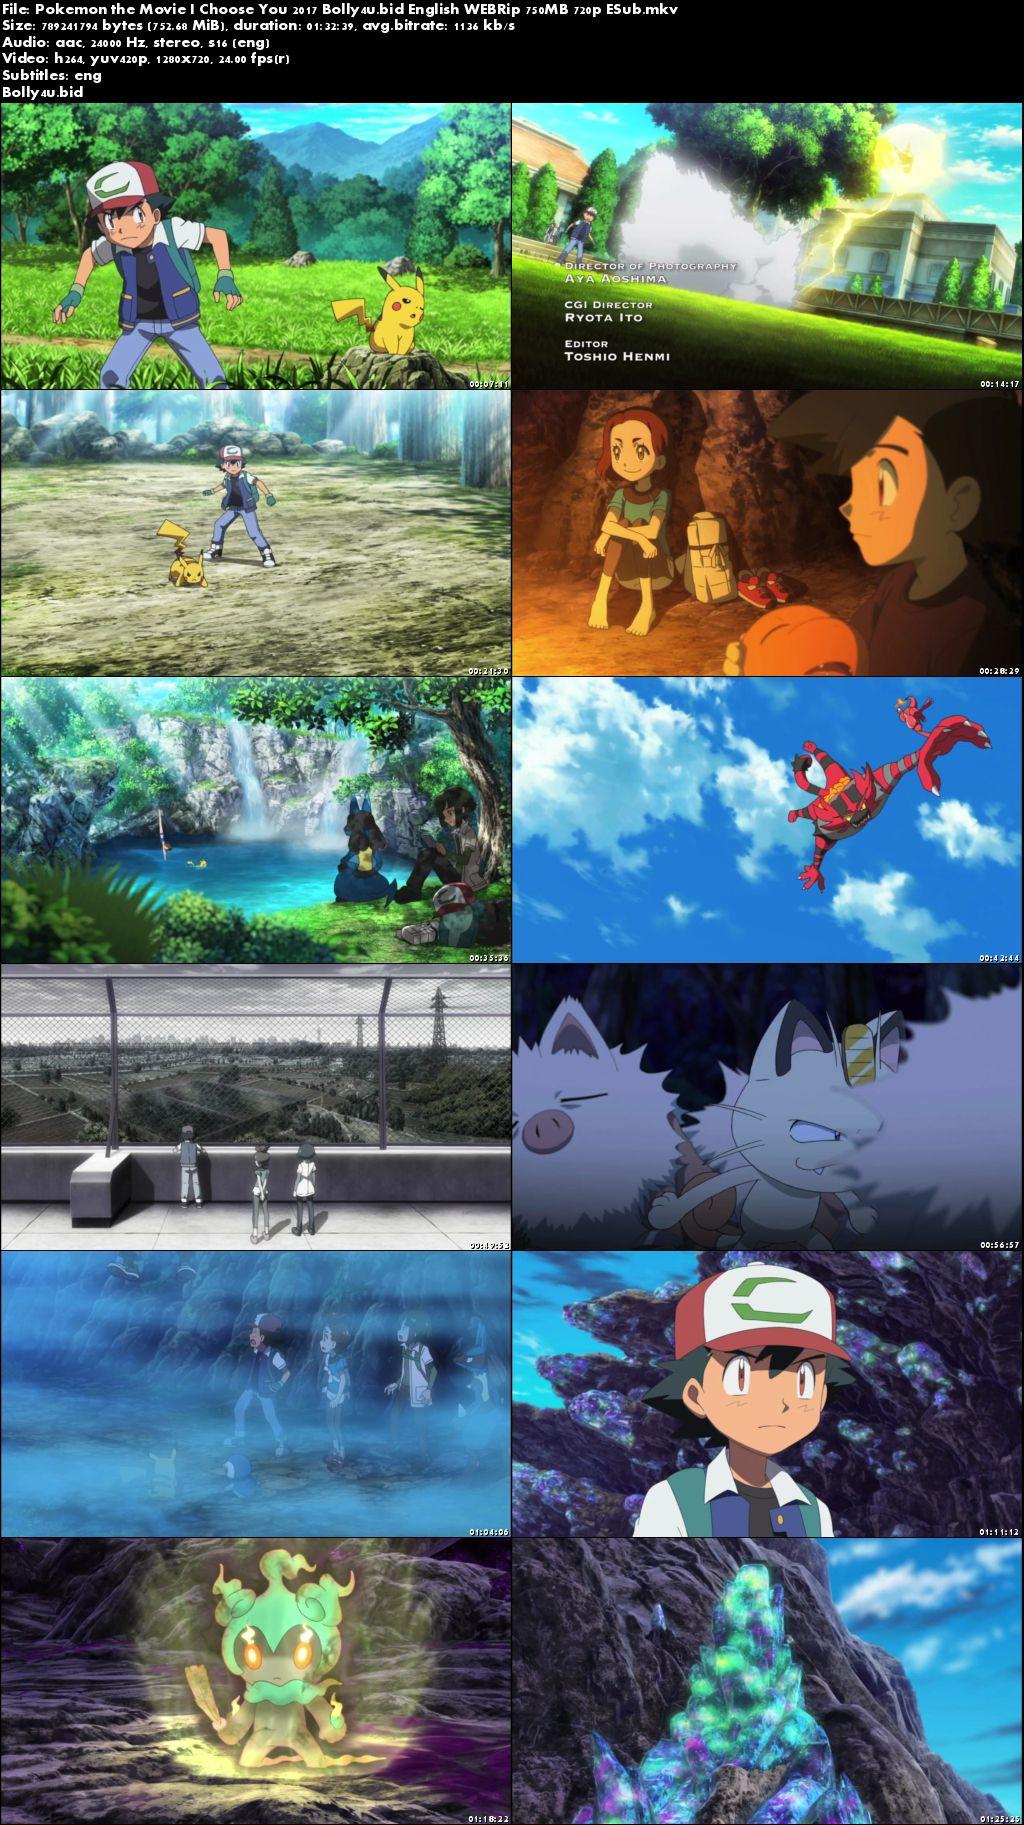 Pokemon the Movie I Choose You 2017 WEBRip 280MB English 480p ESub ESub Download